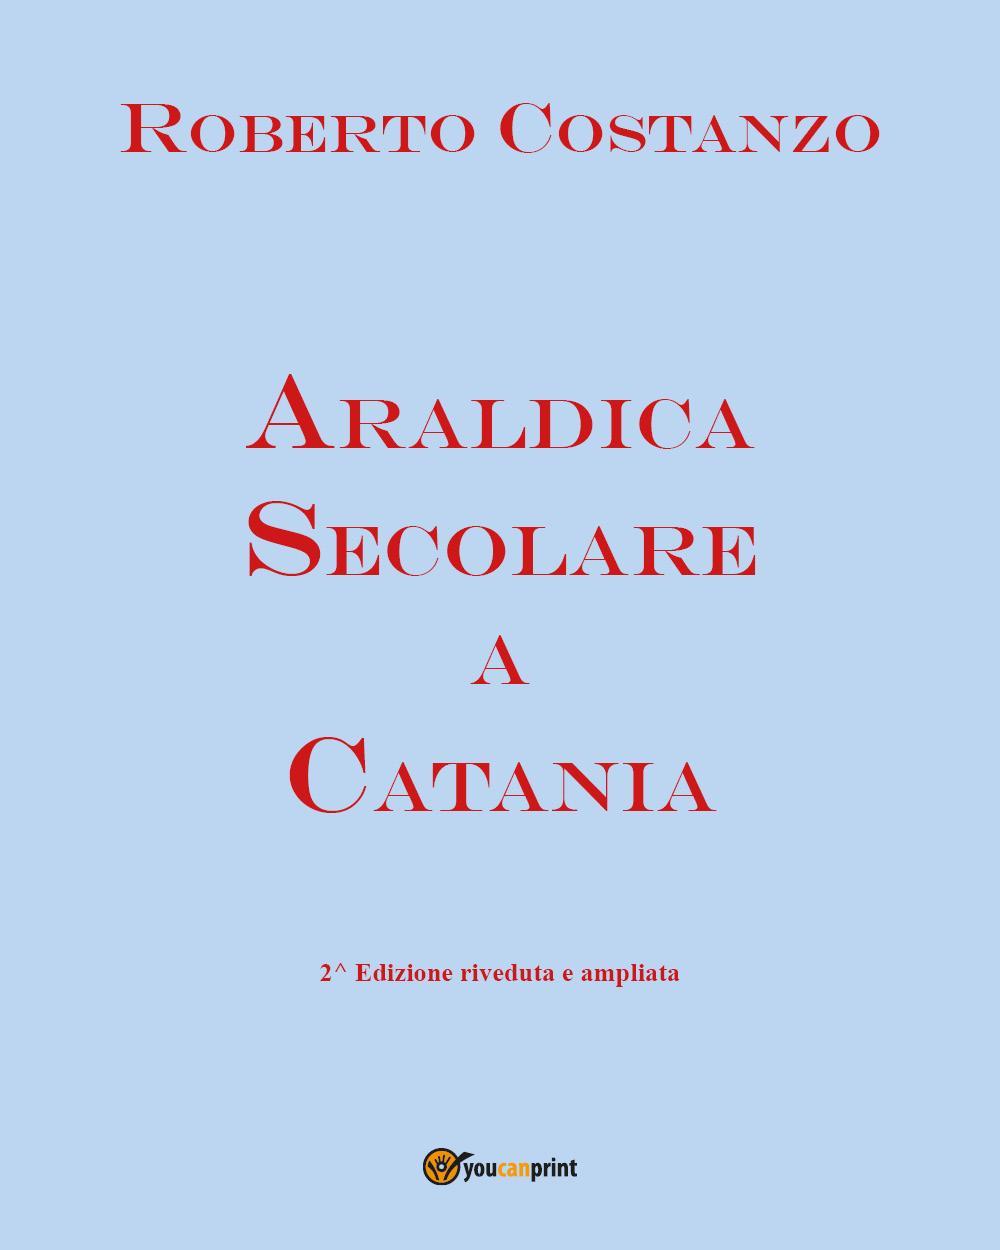 Araldica secolare a Catania. Seconda edizione riveduta e corretta.